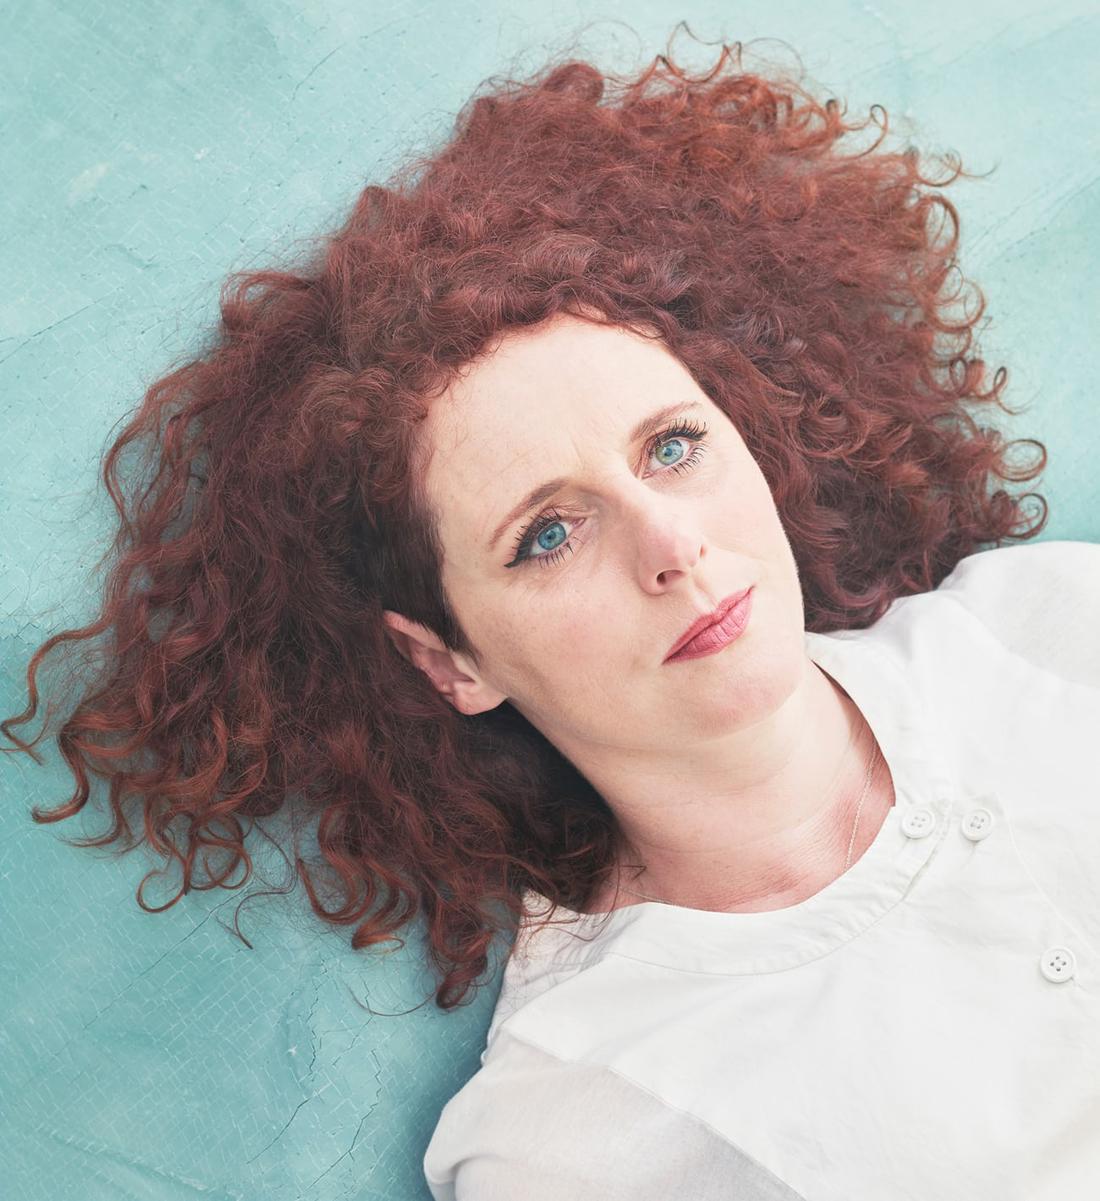 La escritora norirlandesa Maggie O'Farrell